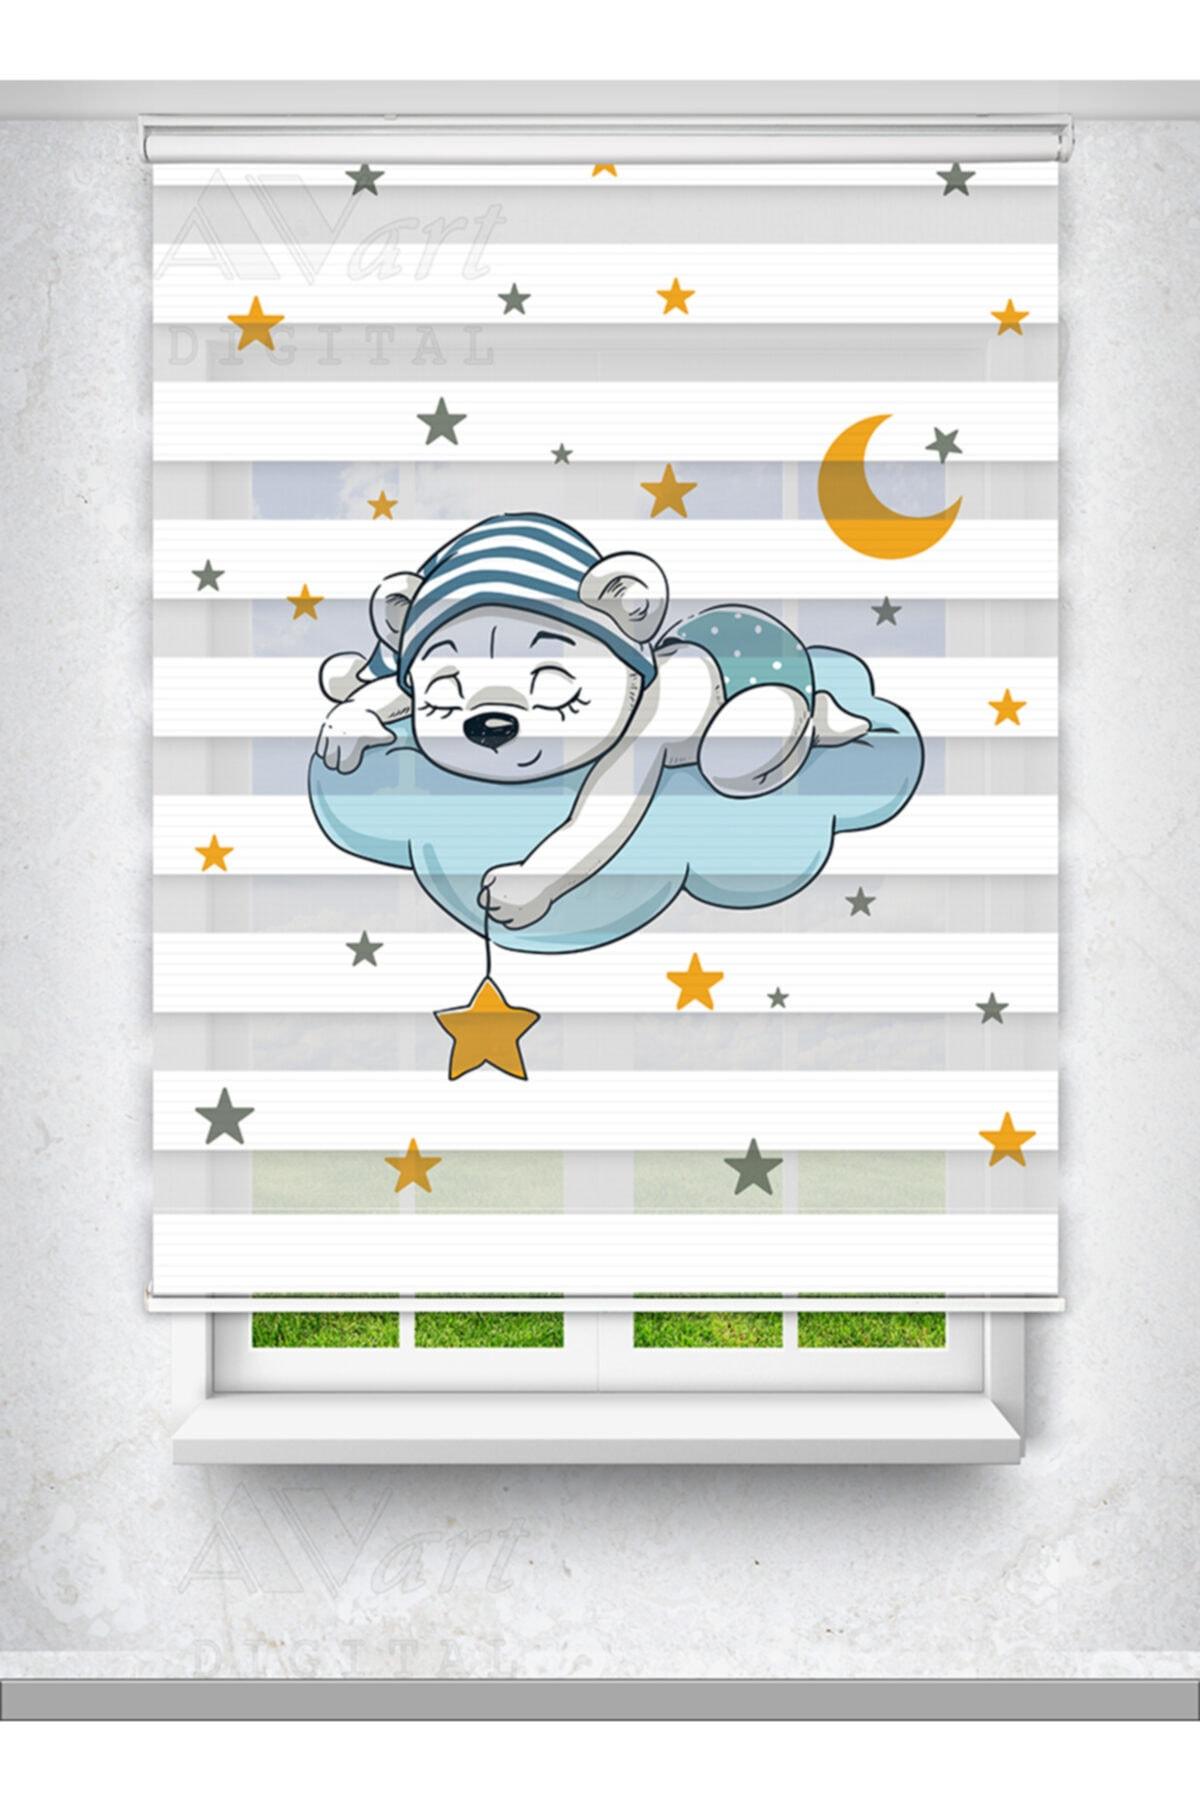 Avart Digital Sevimli Uyuyan Ayıcık Baskılı Zebra Perde - Çocuk Odası Perdesi - Baskılı Zebra Perde 1